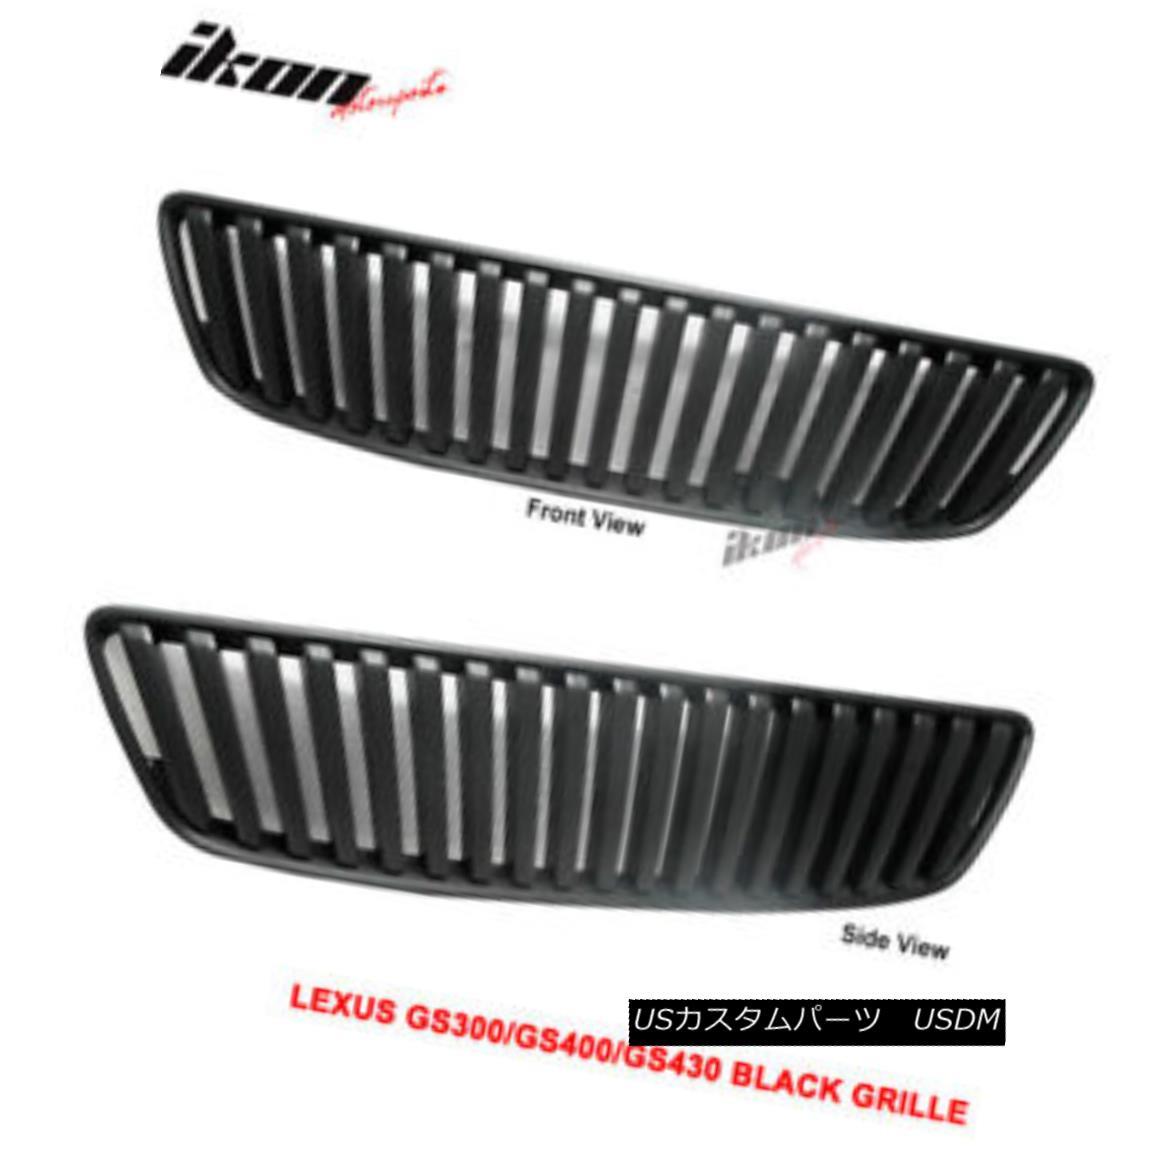 グリル For 98-05 Lexus GS300 GS400 GS430 VIP Black Hood Grille ABS 98-05用レクサスGS300 GS400 GS430 VIPブラックフードグリルABS